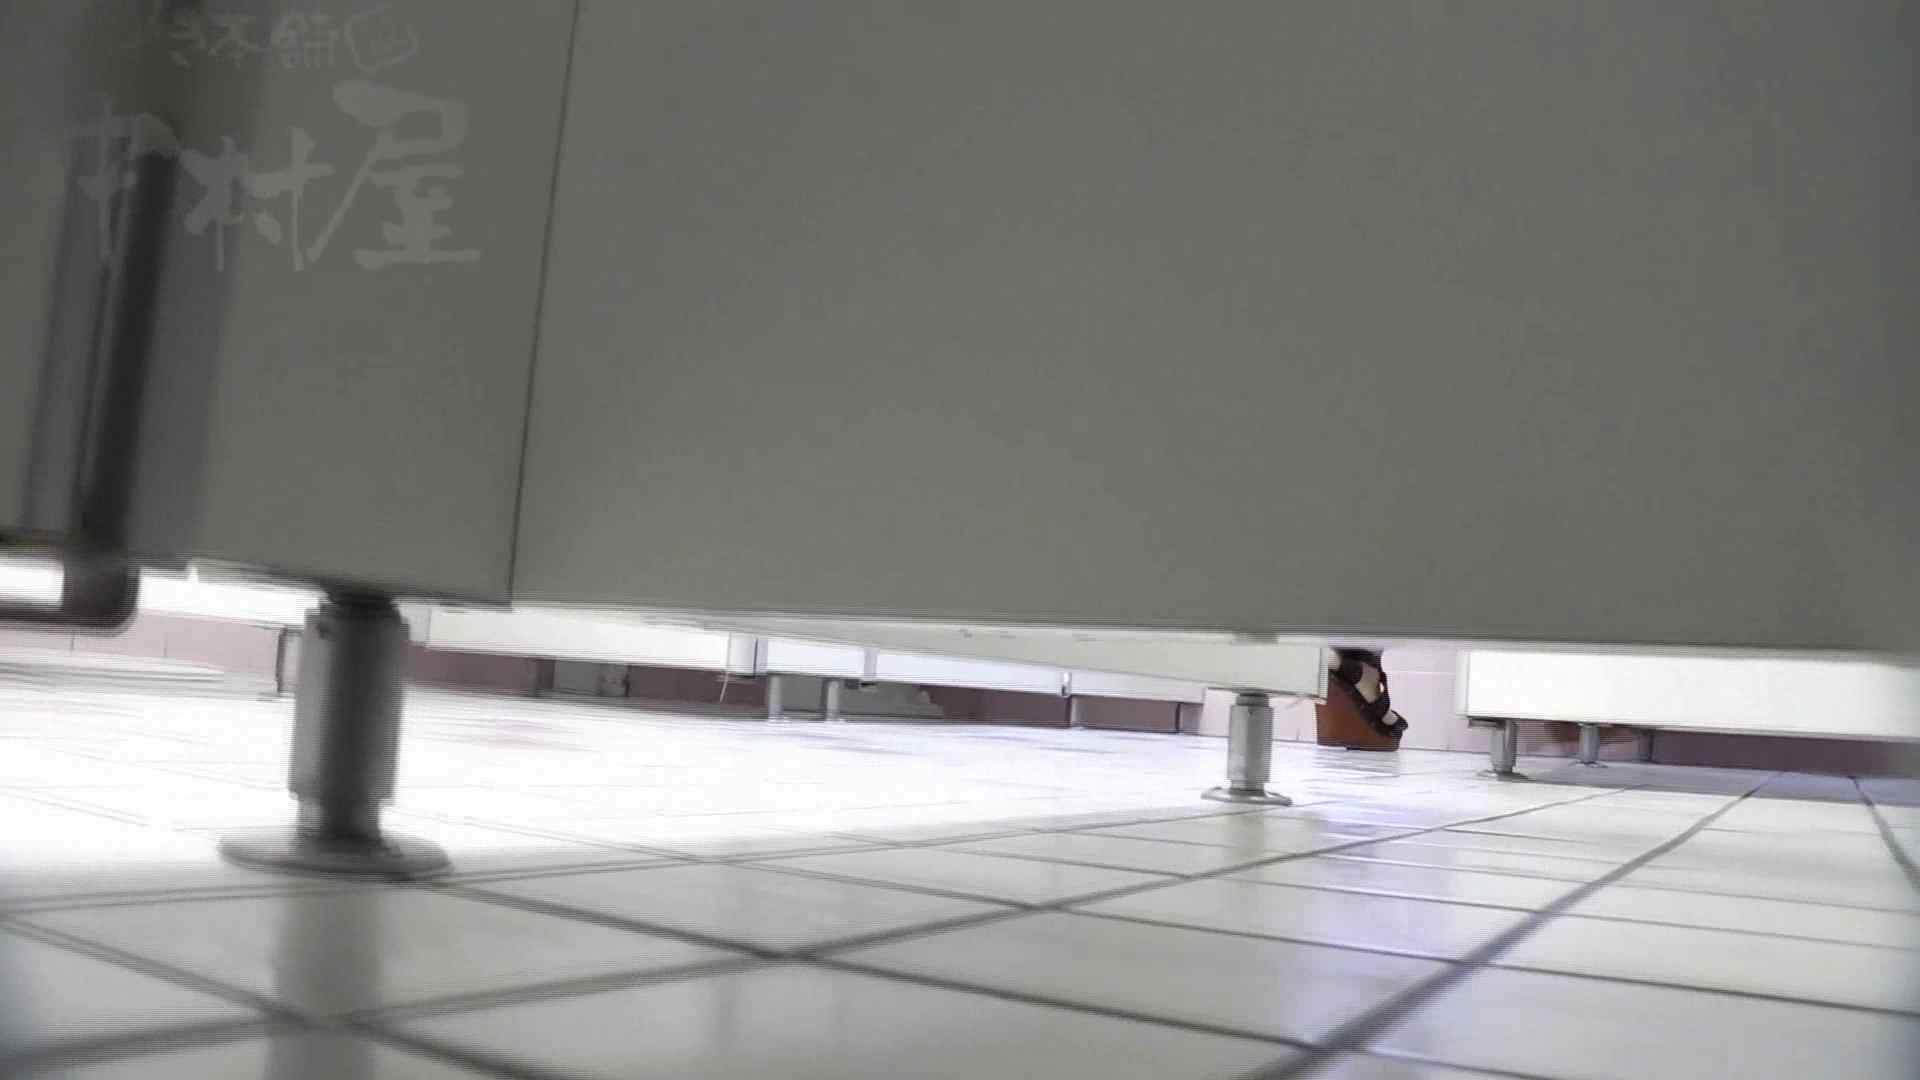 美しい日本の未来 No.29 豹柄サンダルはイ更●気味??? 乙女 性交動画流出 111連発 60